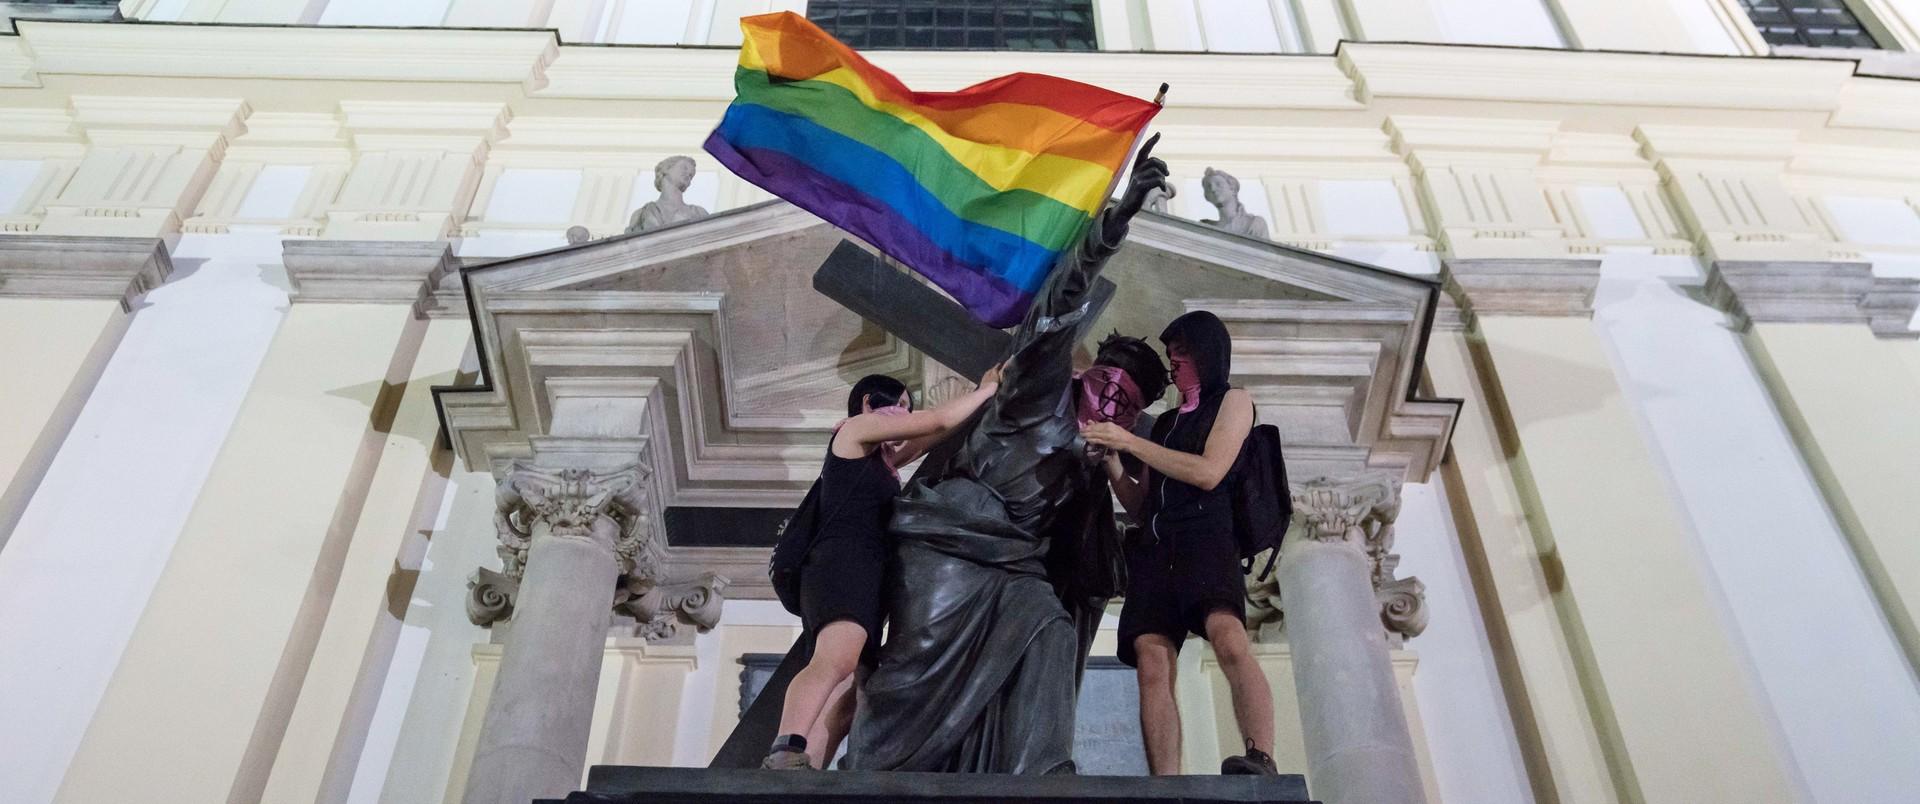 Poczucie krzywdy nie usprawiedliwia barbarzyństwa. Zaremba o akcji aktywistów LGBT